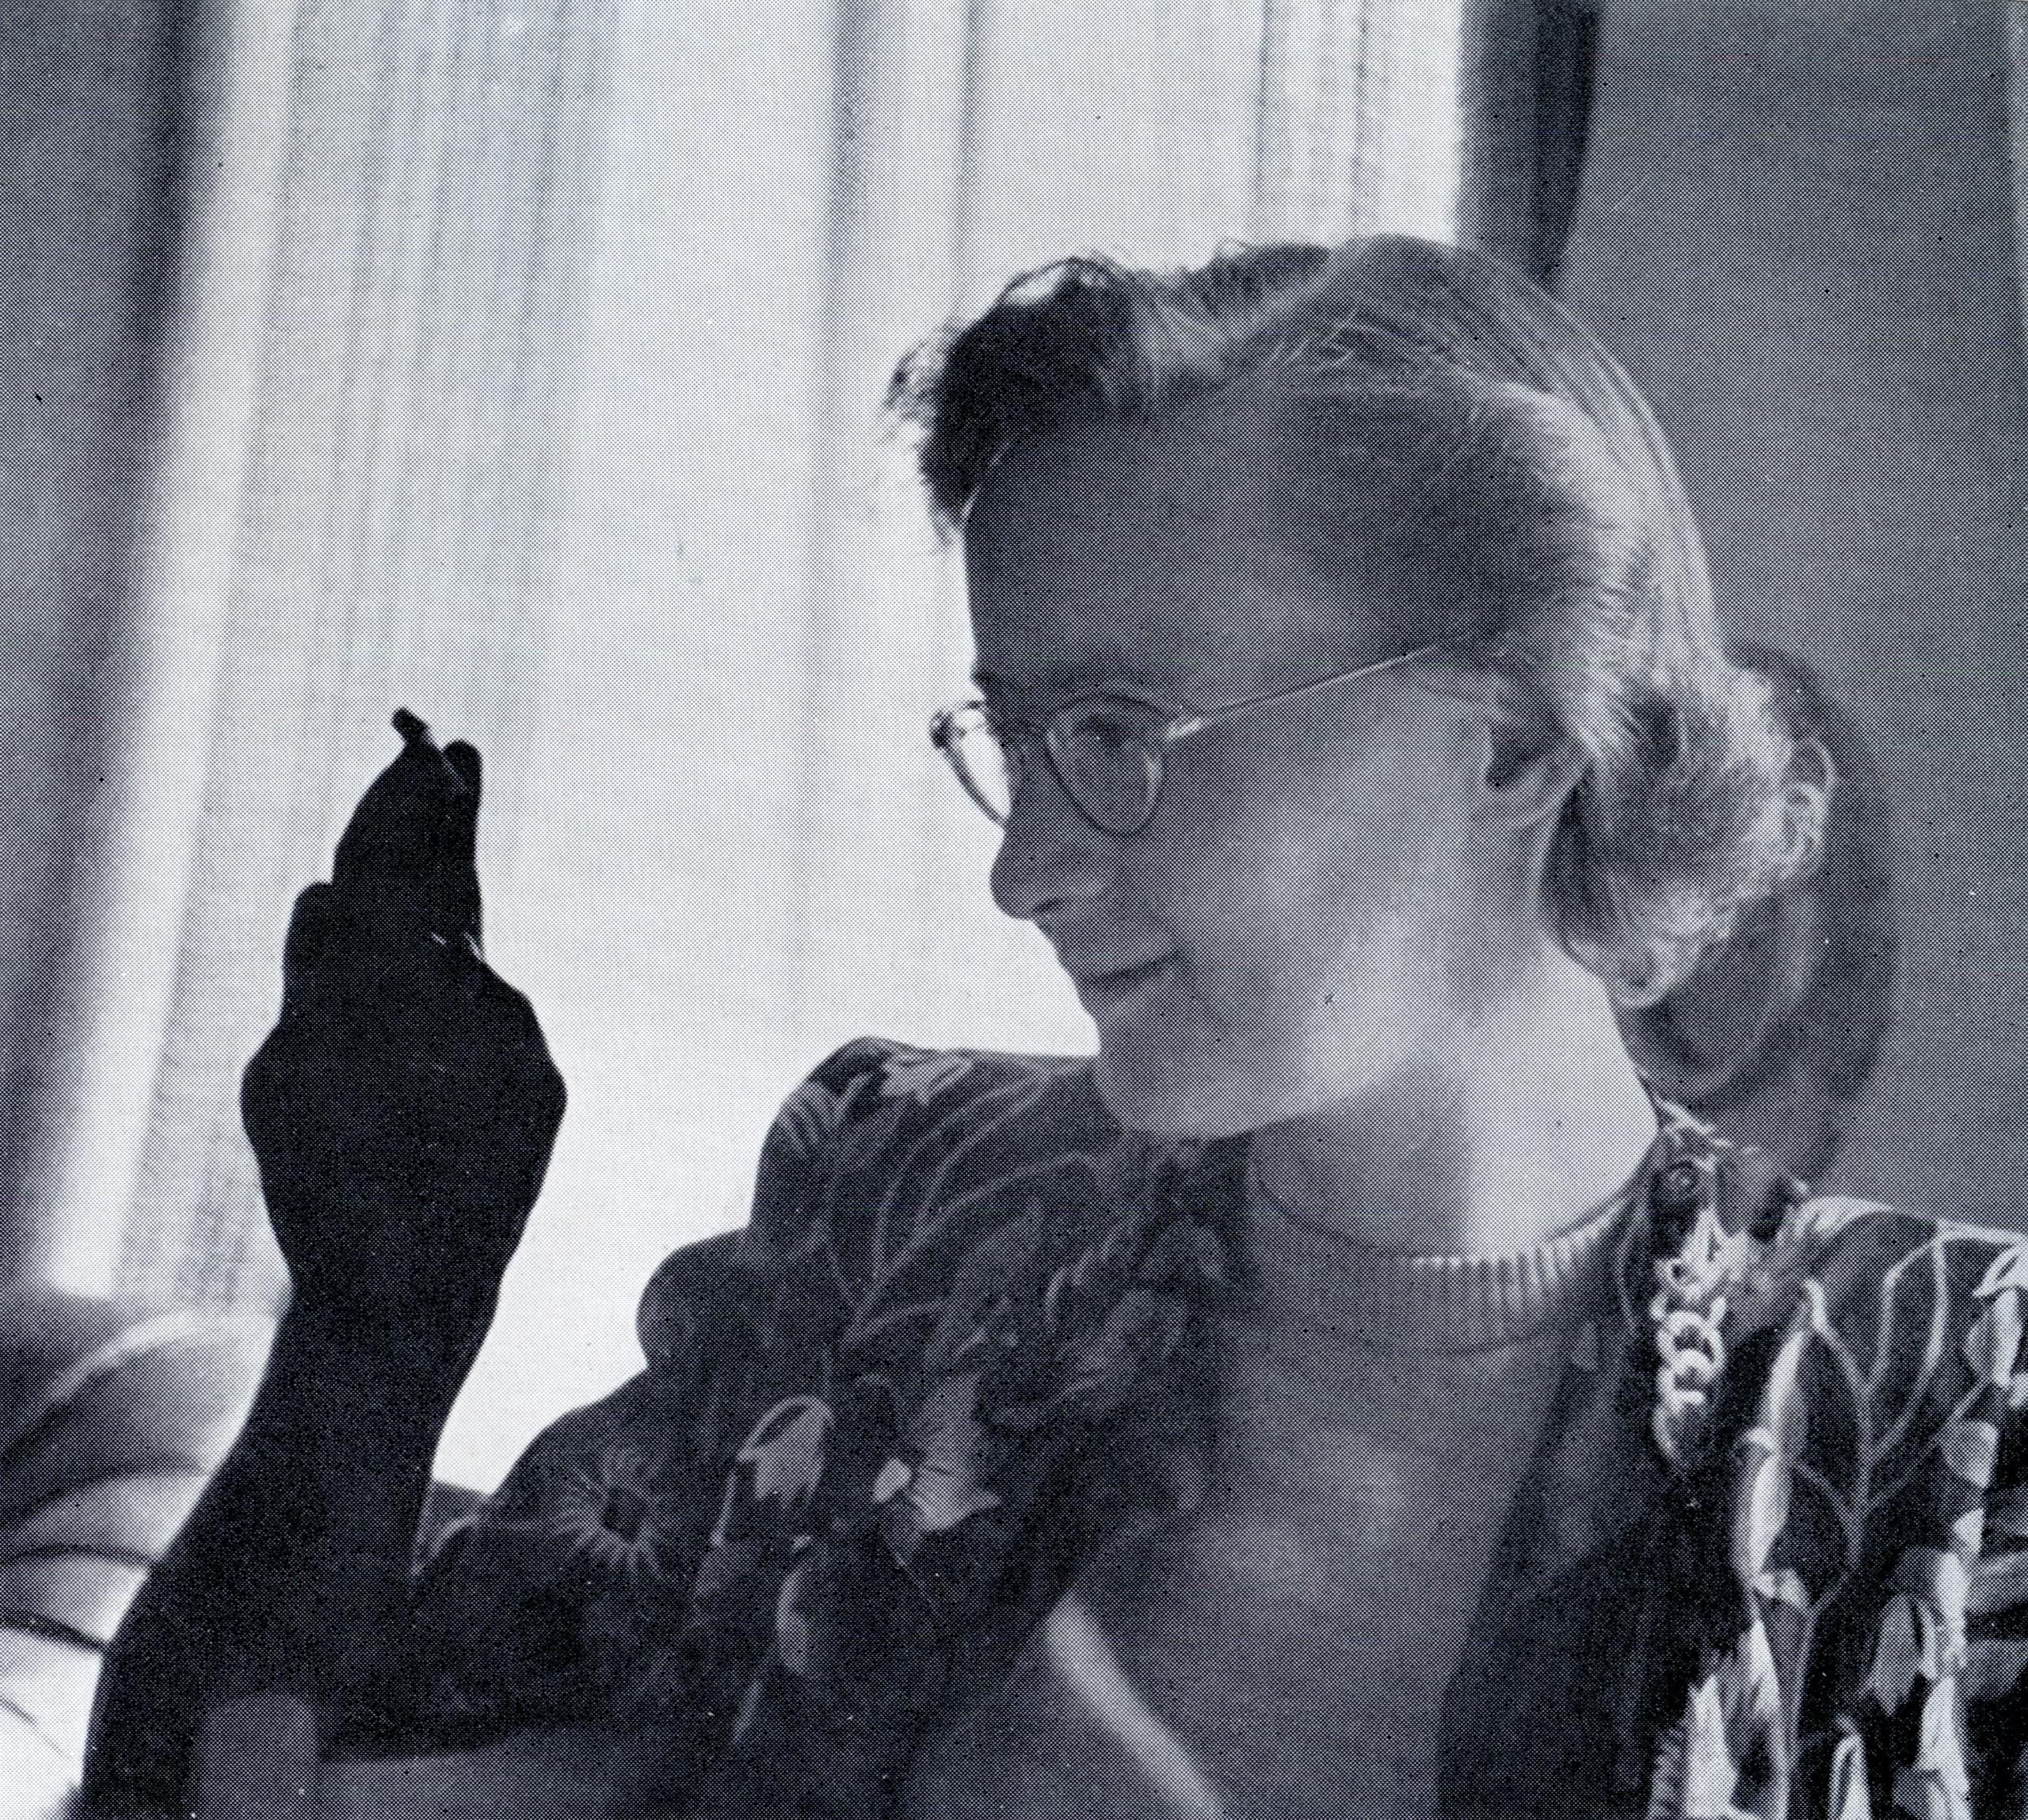 Göteborgs bortglömda författare: Eva Neander